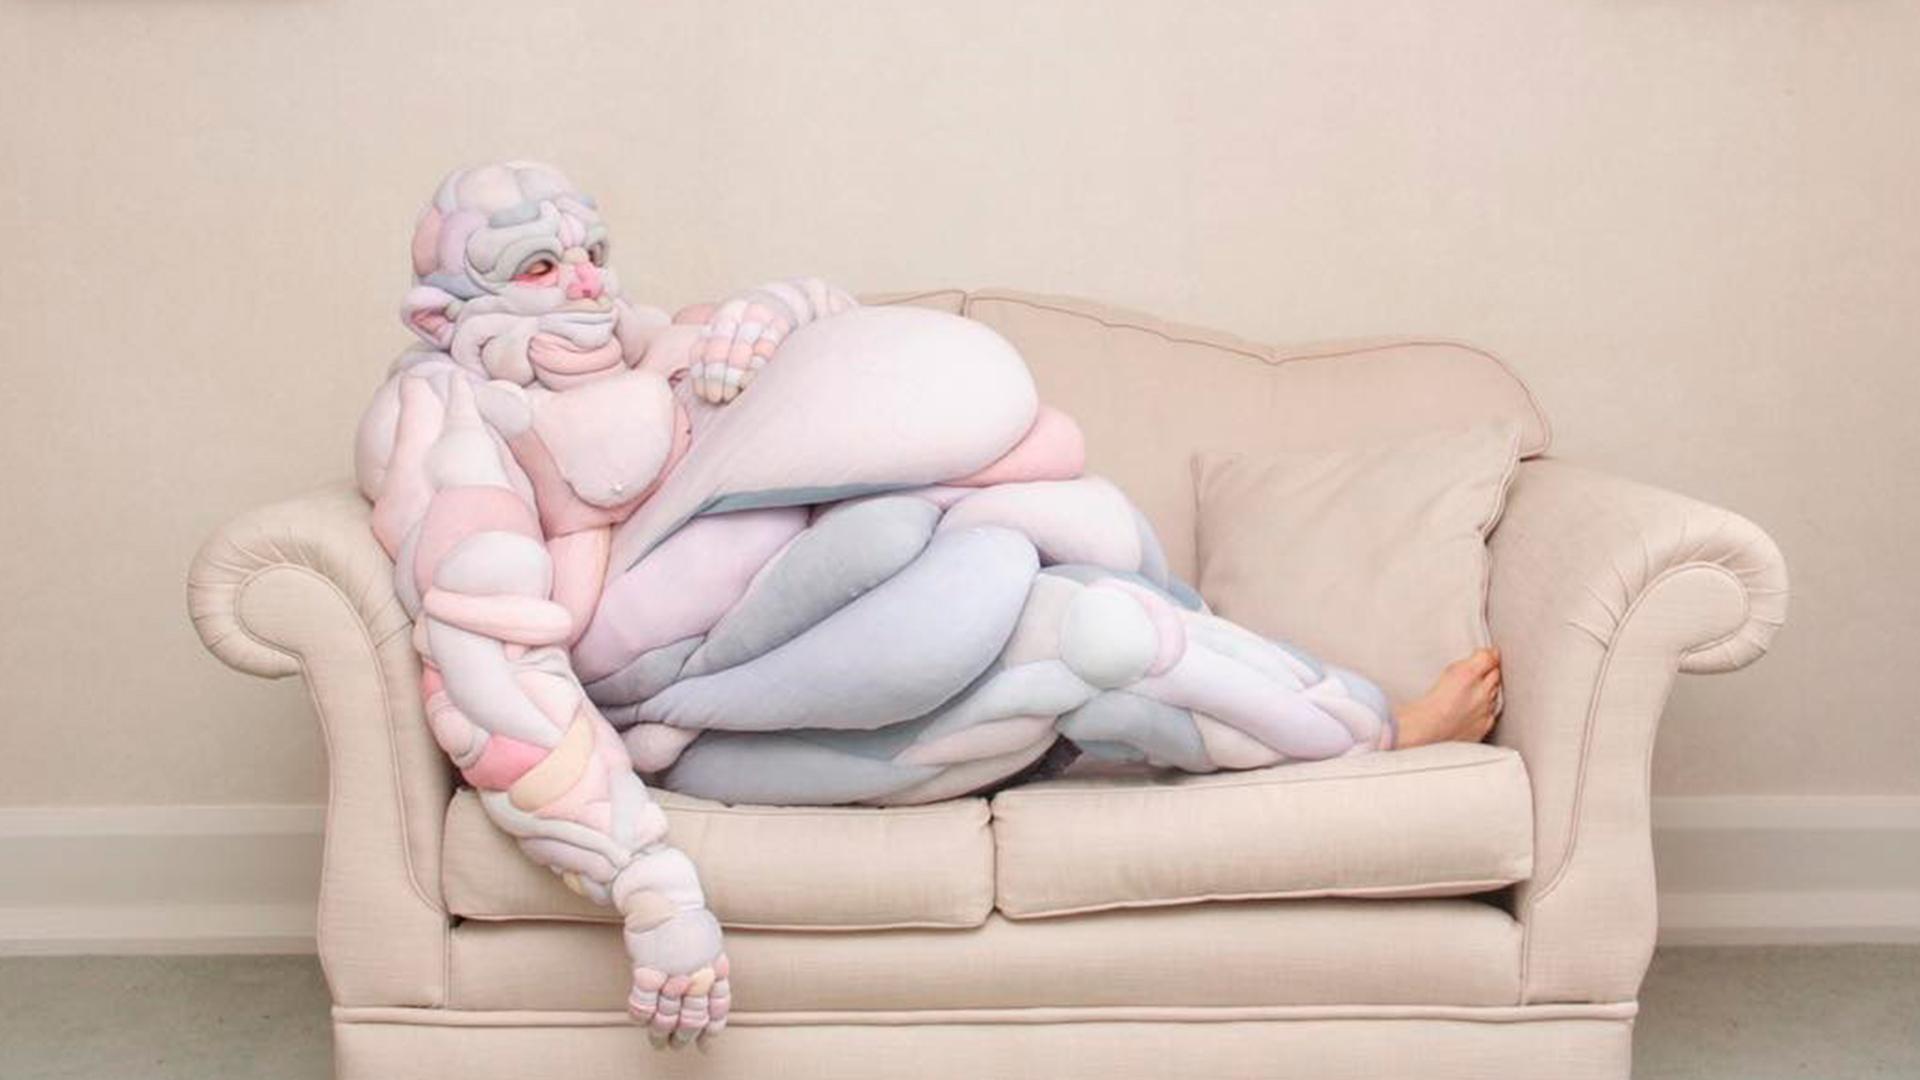 Experimentación textil en el arte de Daisy Collingride: la artista que creó para Björk